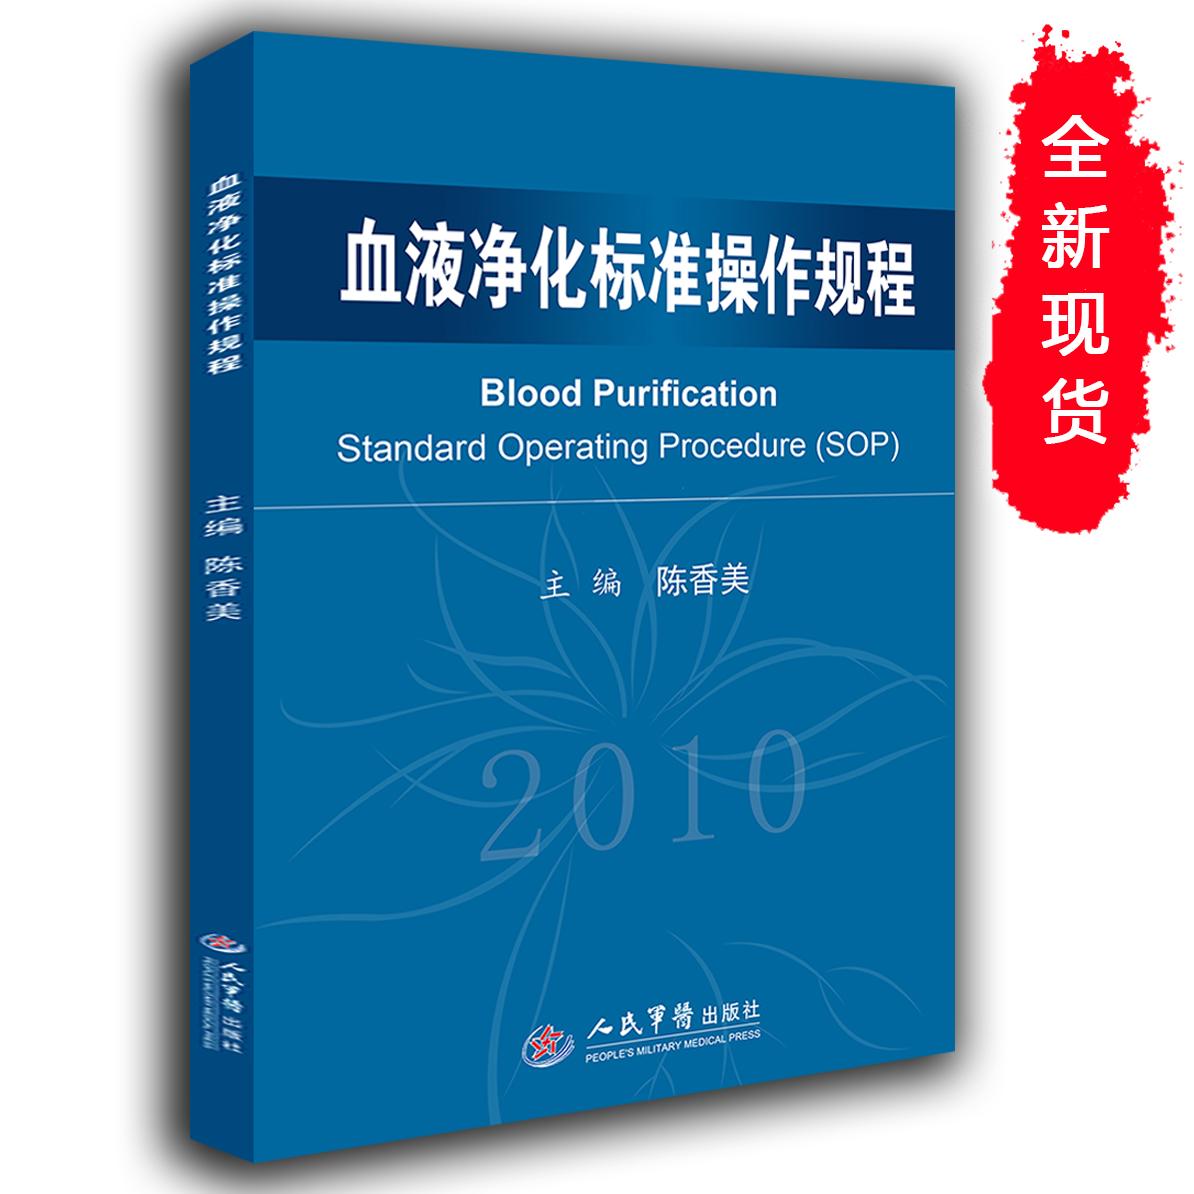 包邮 血液净化标准操作规程 血液透析-技术操作规程 陈香美